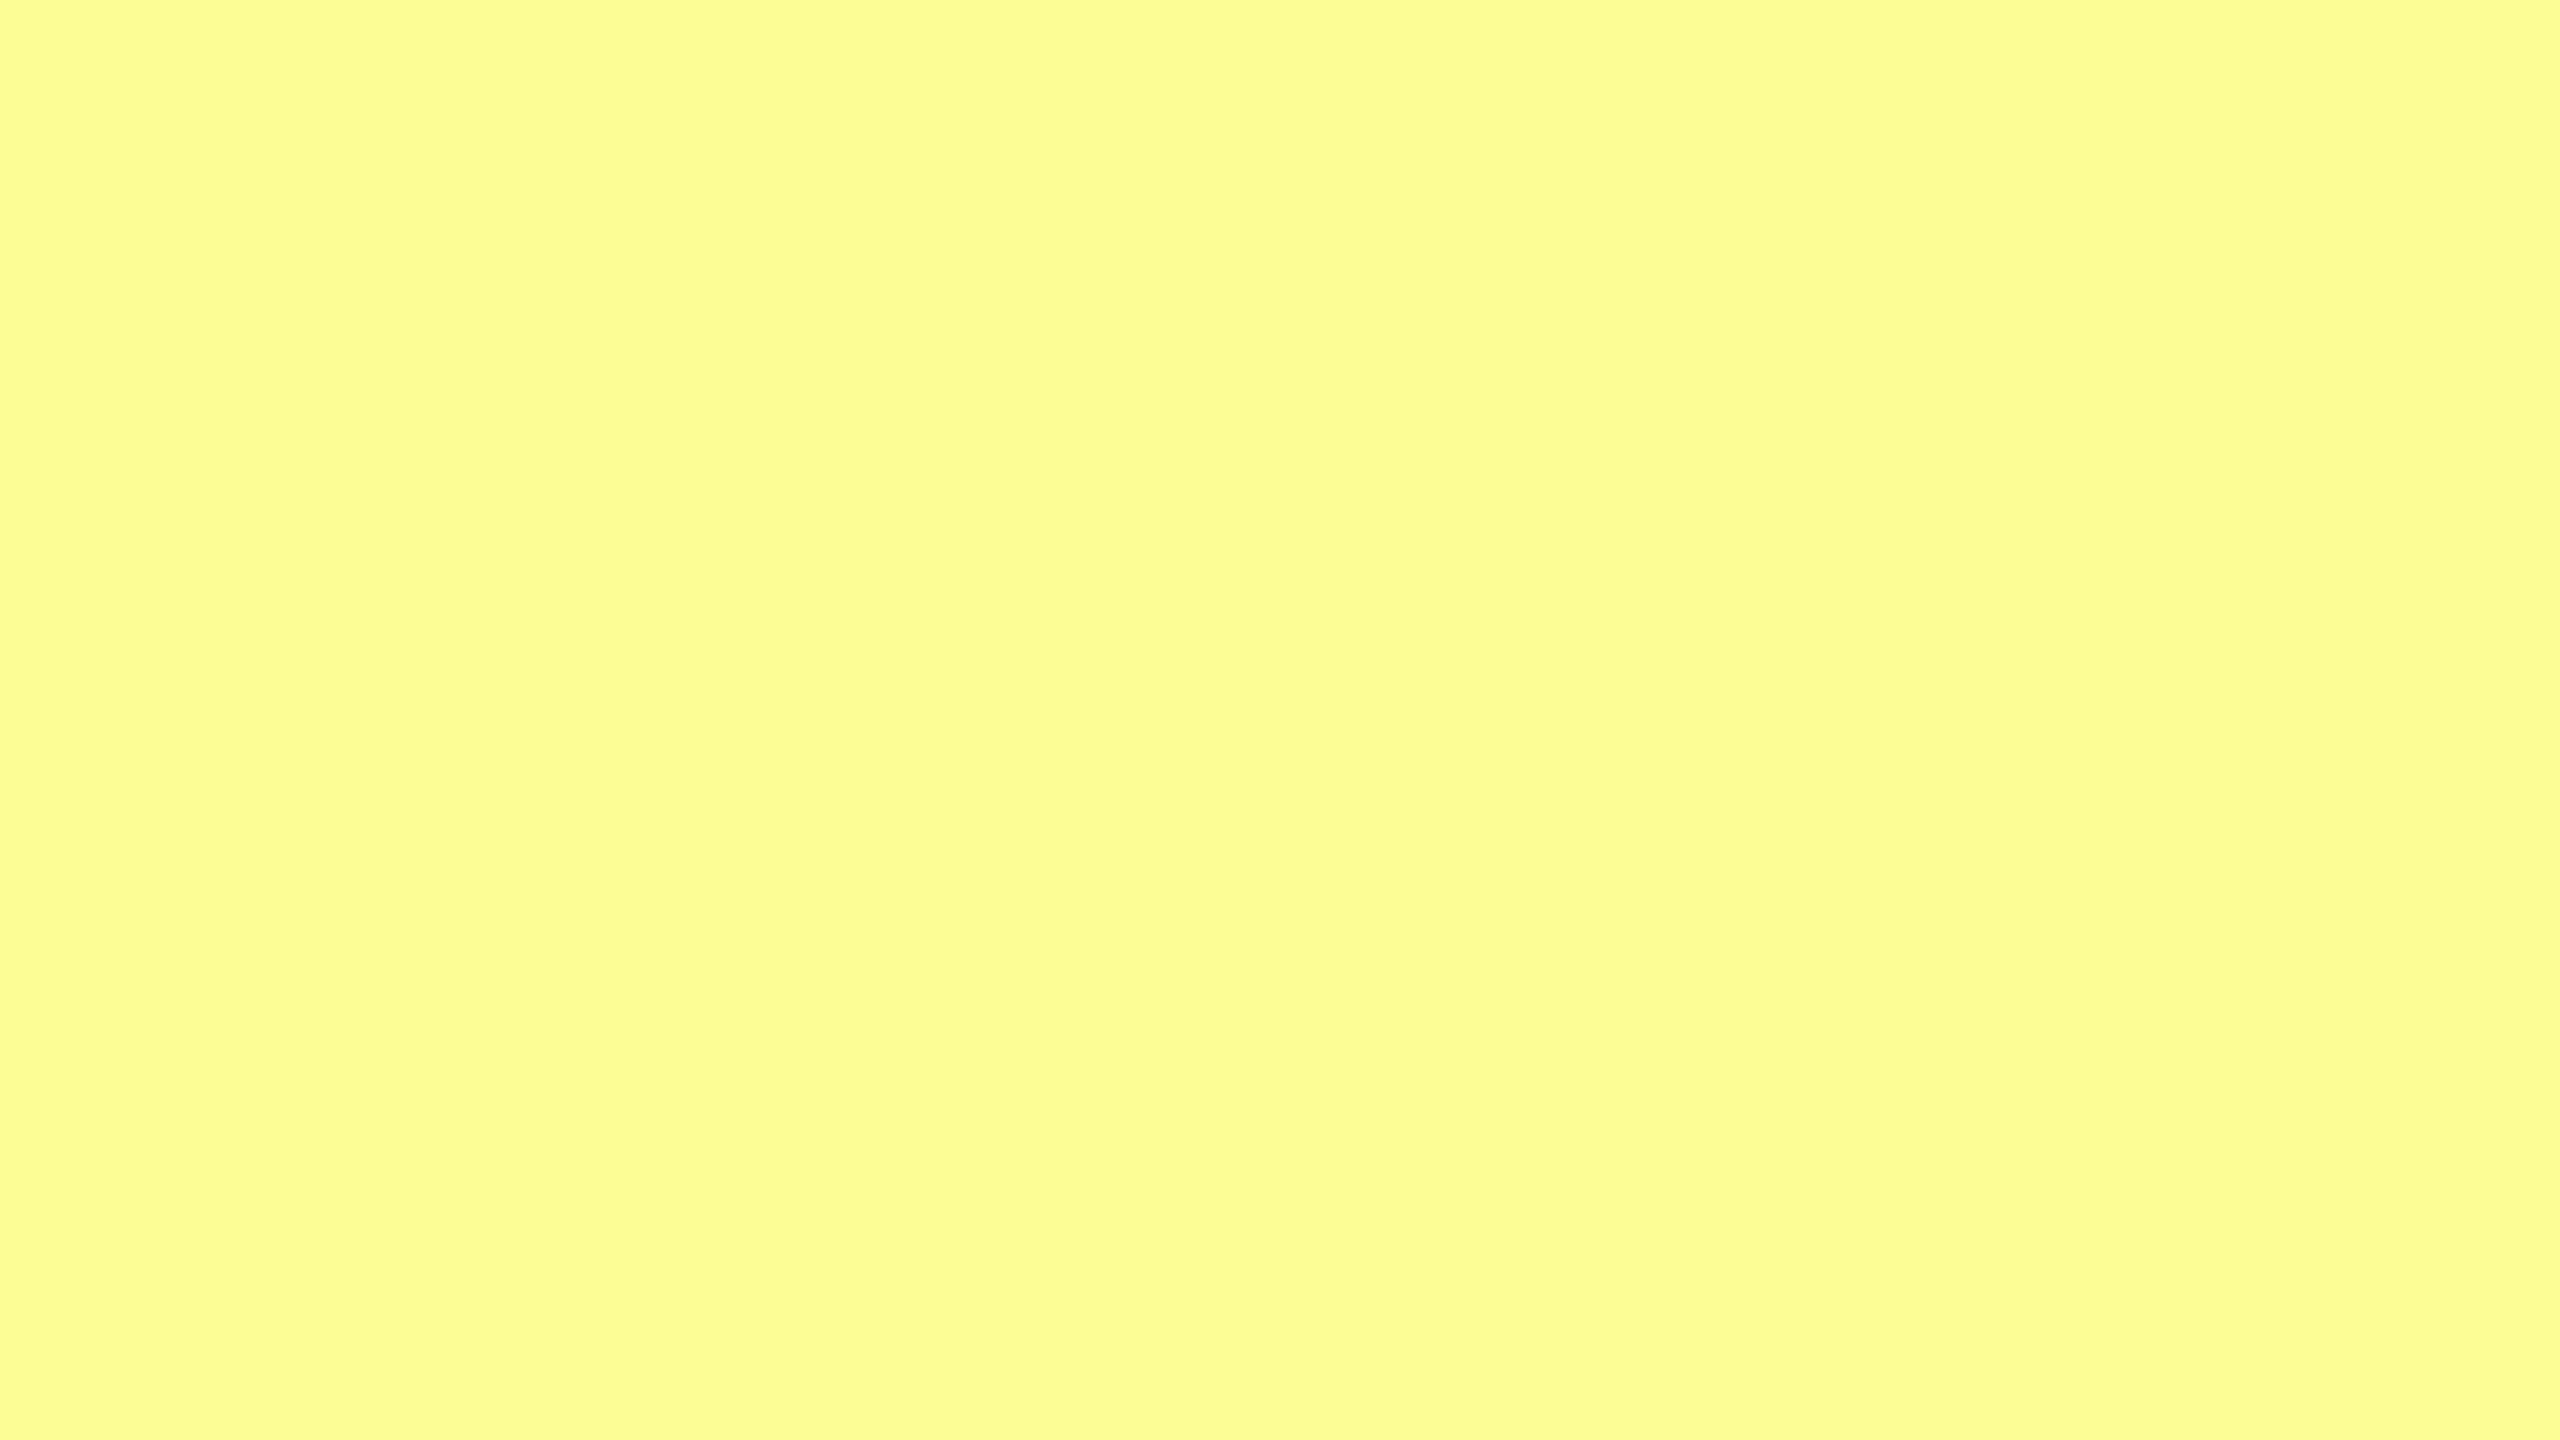 2560x1440 Nền rắn màu vàng pastel